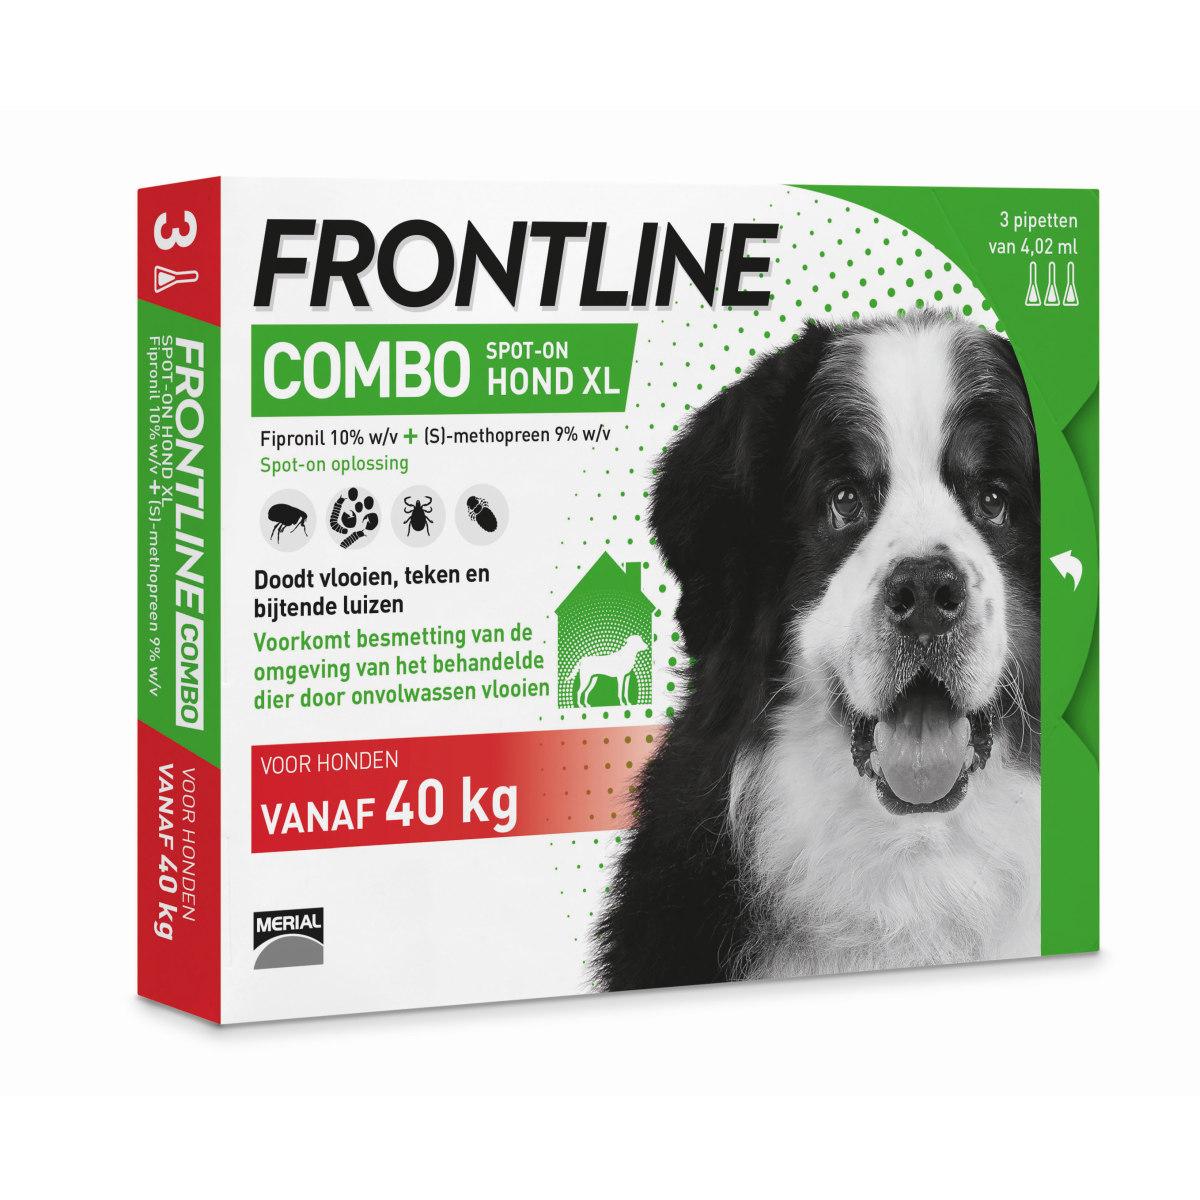 FRONTLINE COMBO HOND XL 3PIP 00001